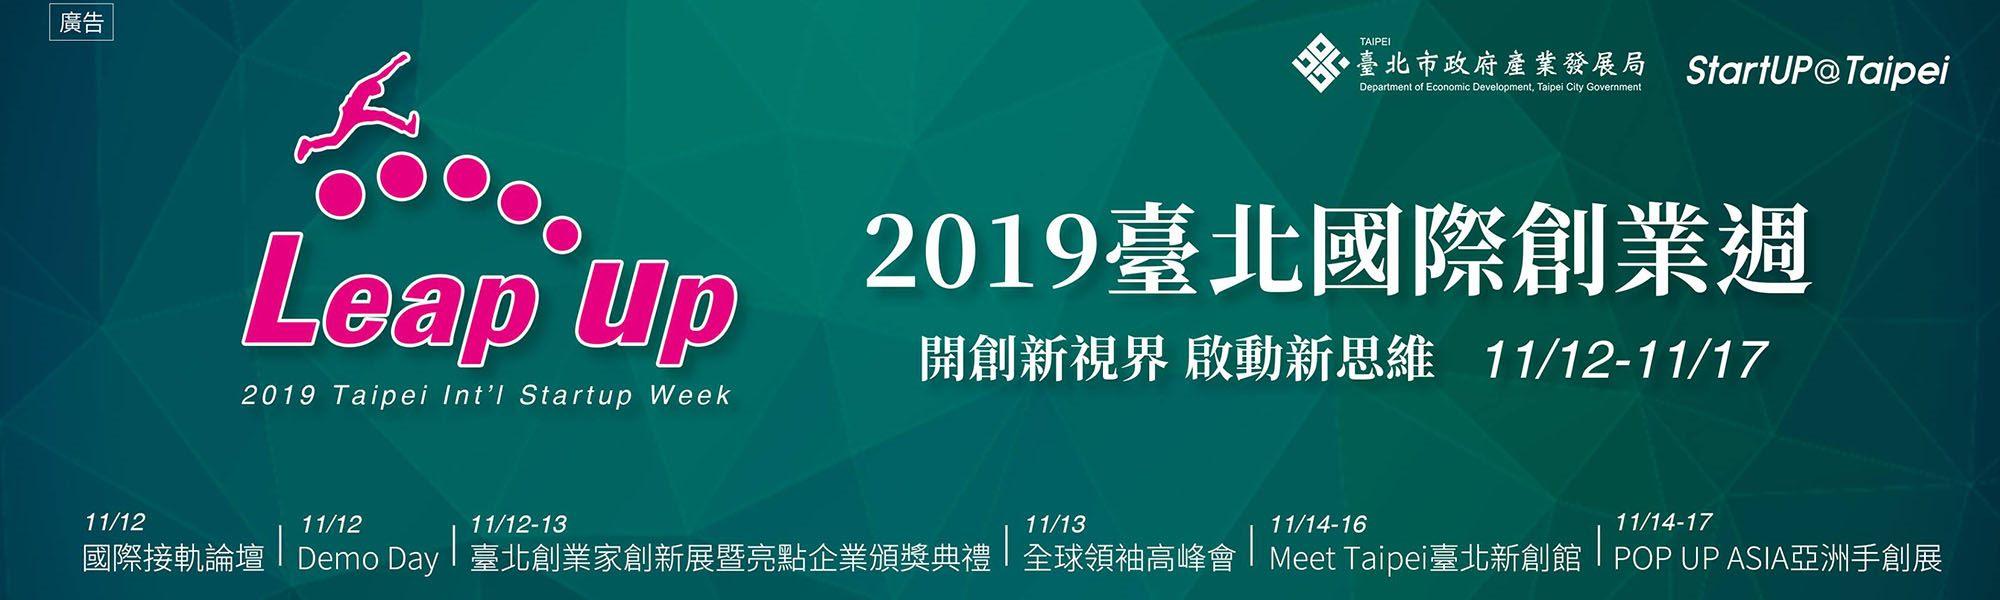 2019台北國際創業週